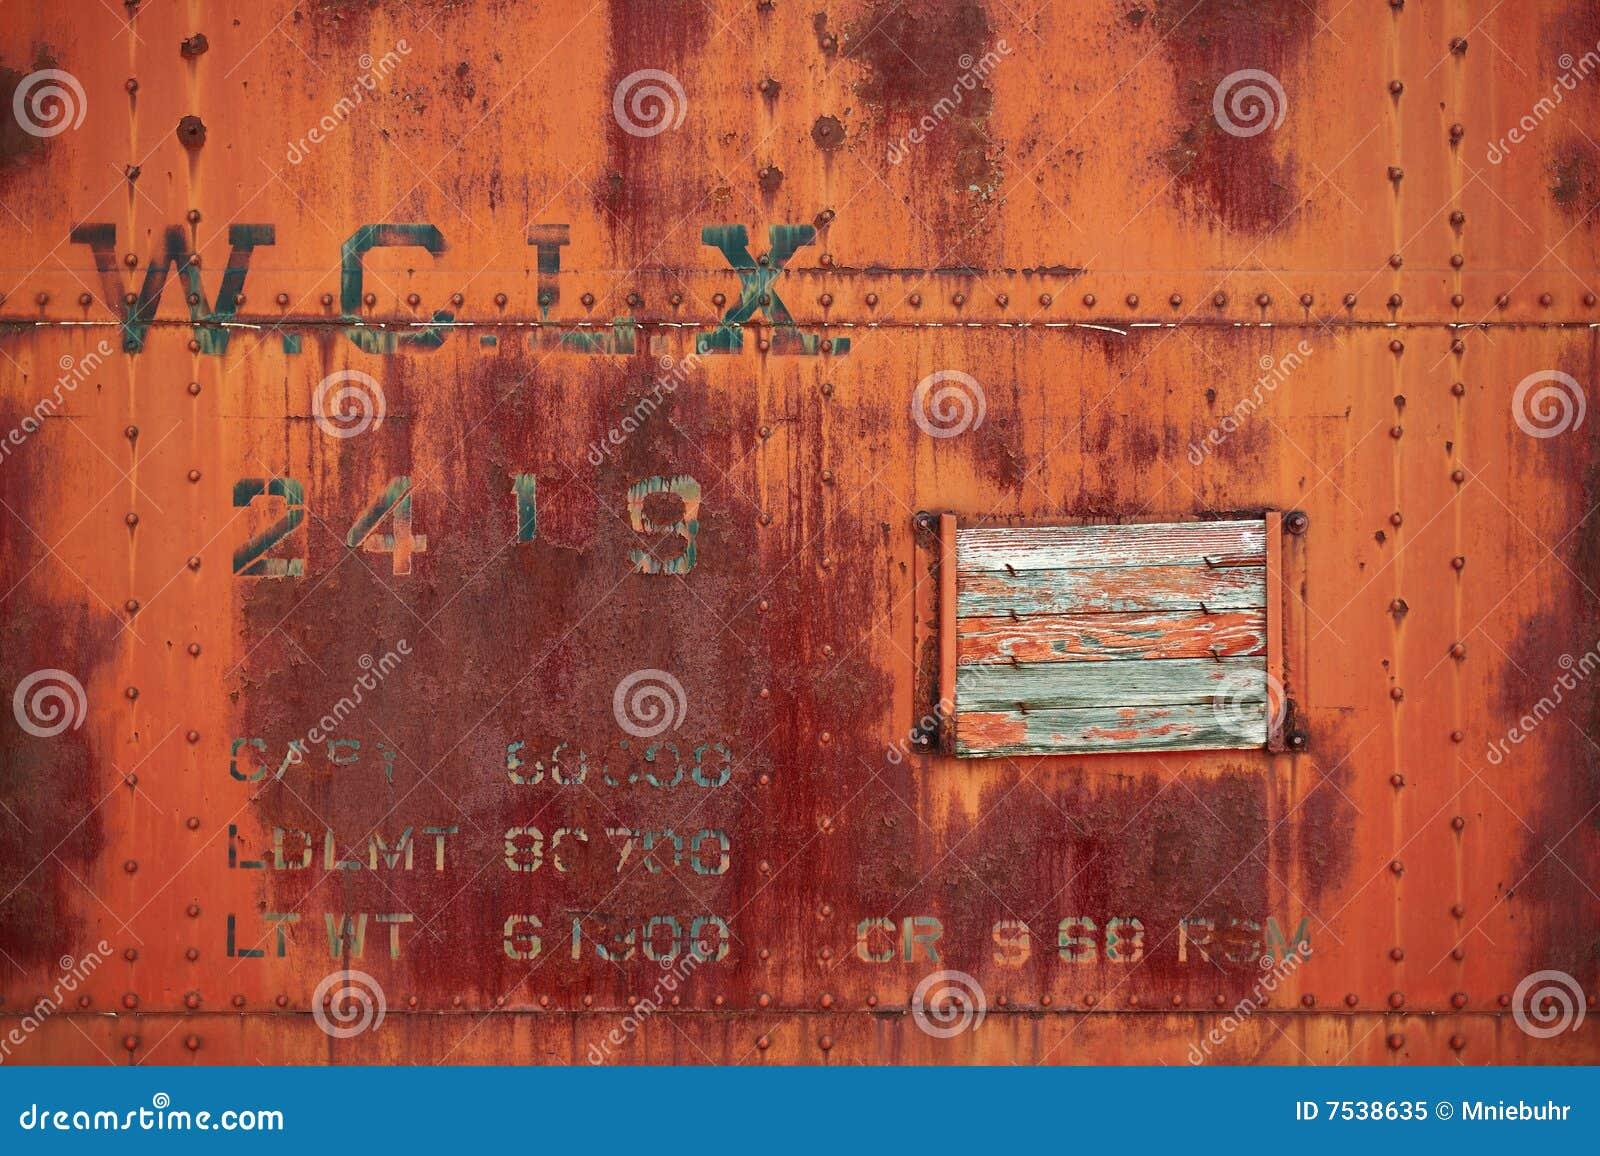 Vintage rusty industrial steel plate riveted plate